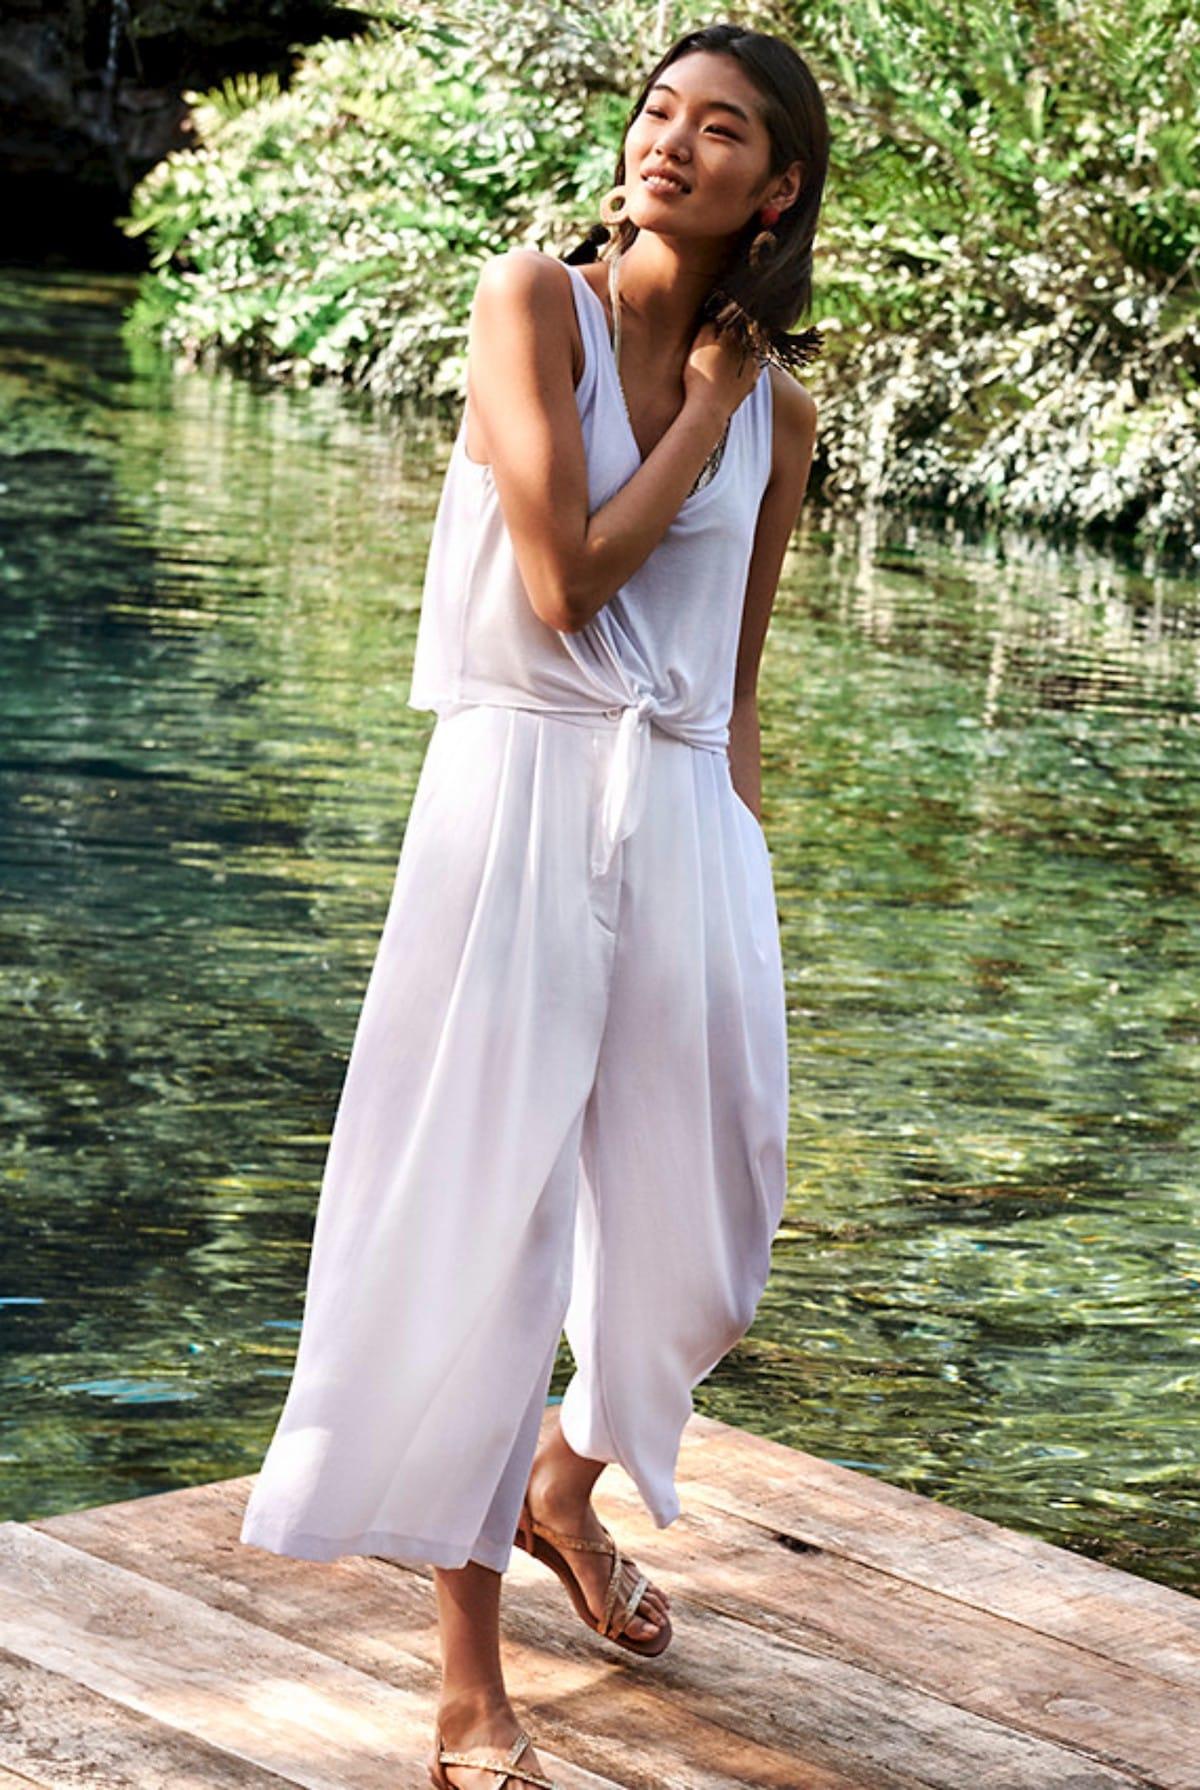 H&M、夏向けの洗練されたリラックススタイルが登場! fashion180517_hm_3-1200x1790